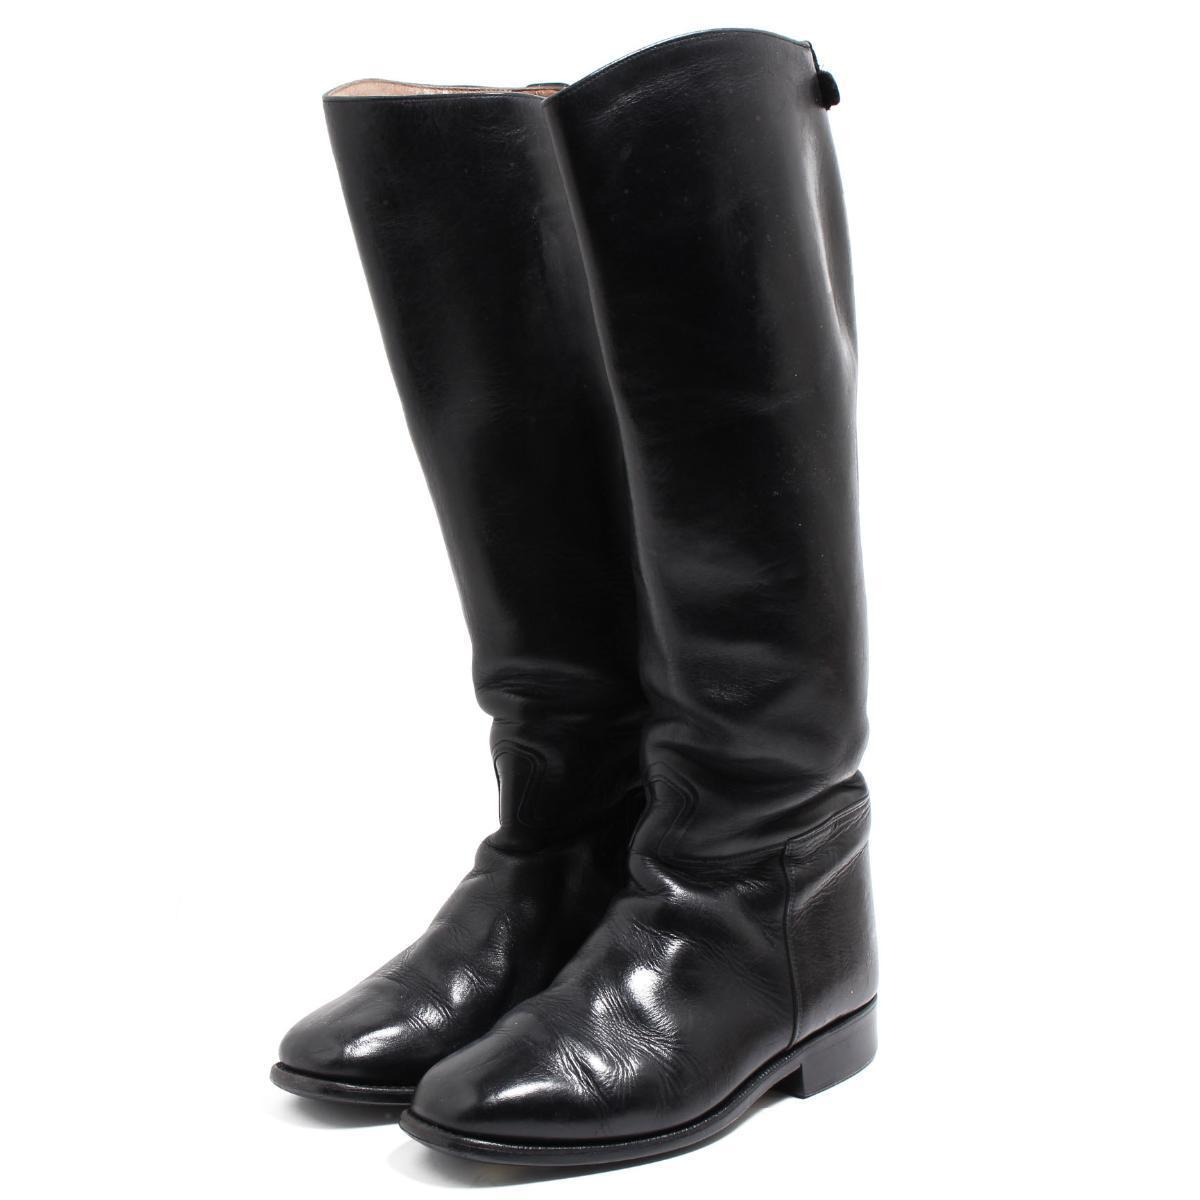 カバロ Cavallo ジョッキー乗馬ブーツ 5 レディース23.0cm /bop7662 【中古】 【190616】